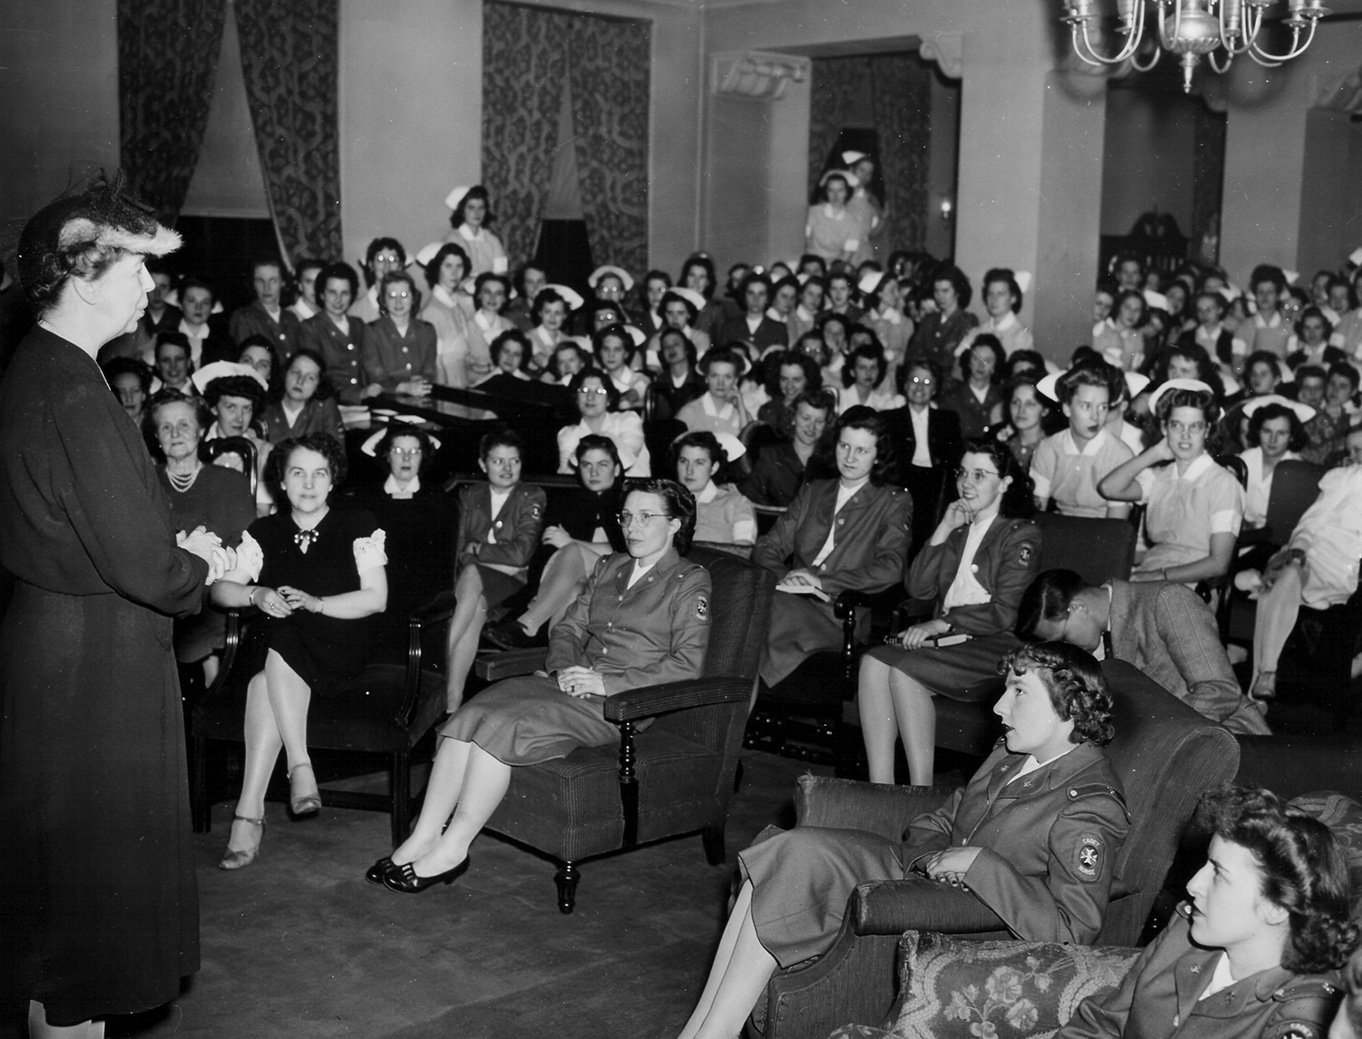 Hampton House in 1945